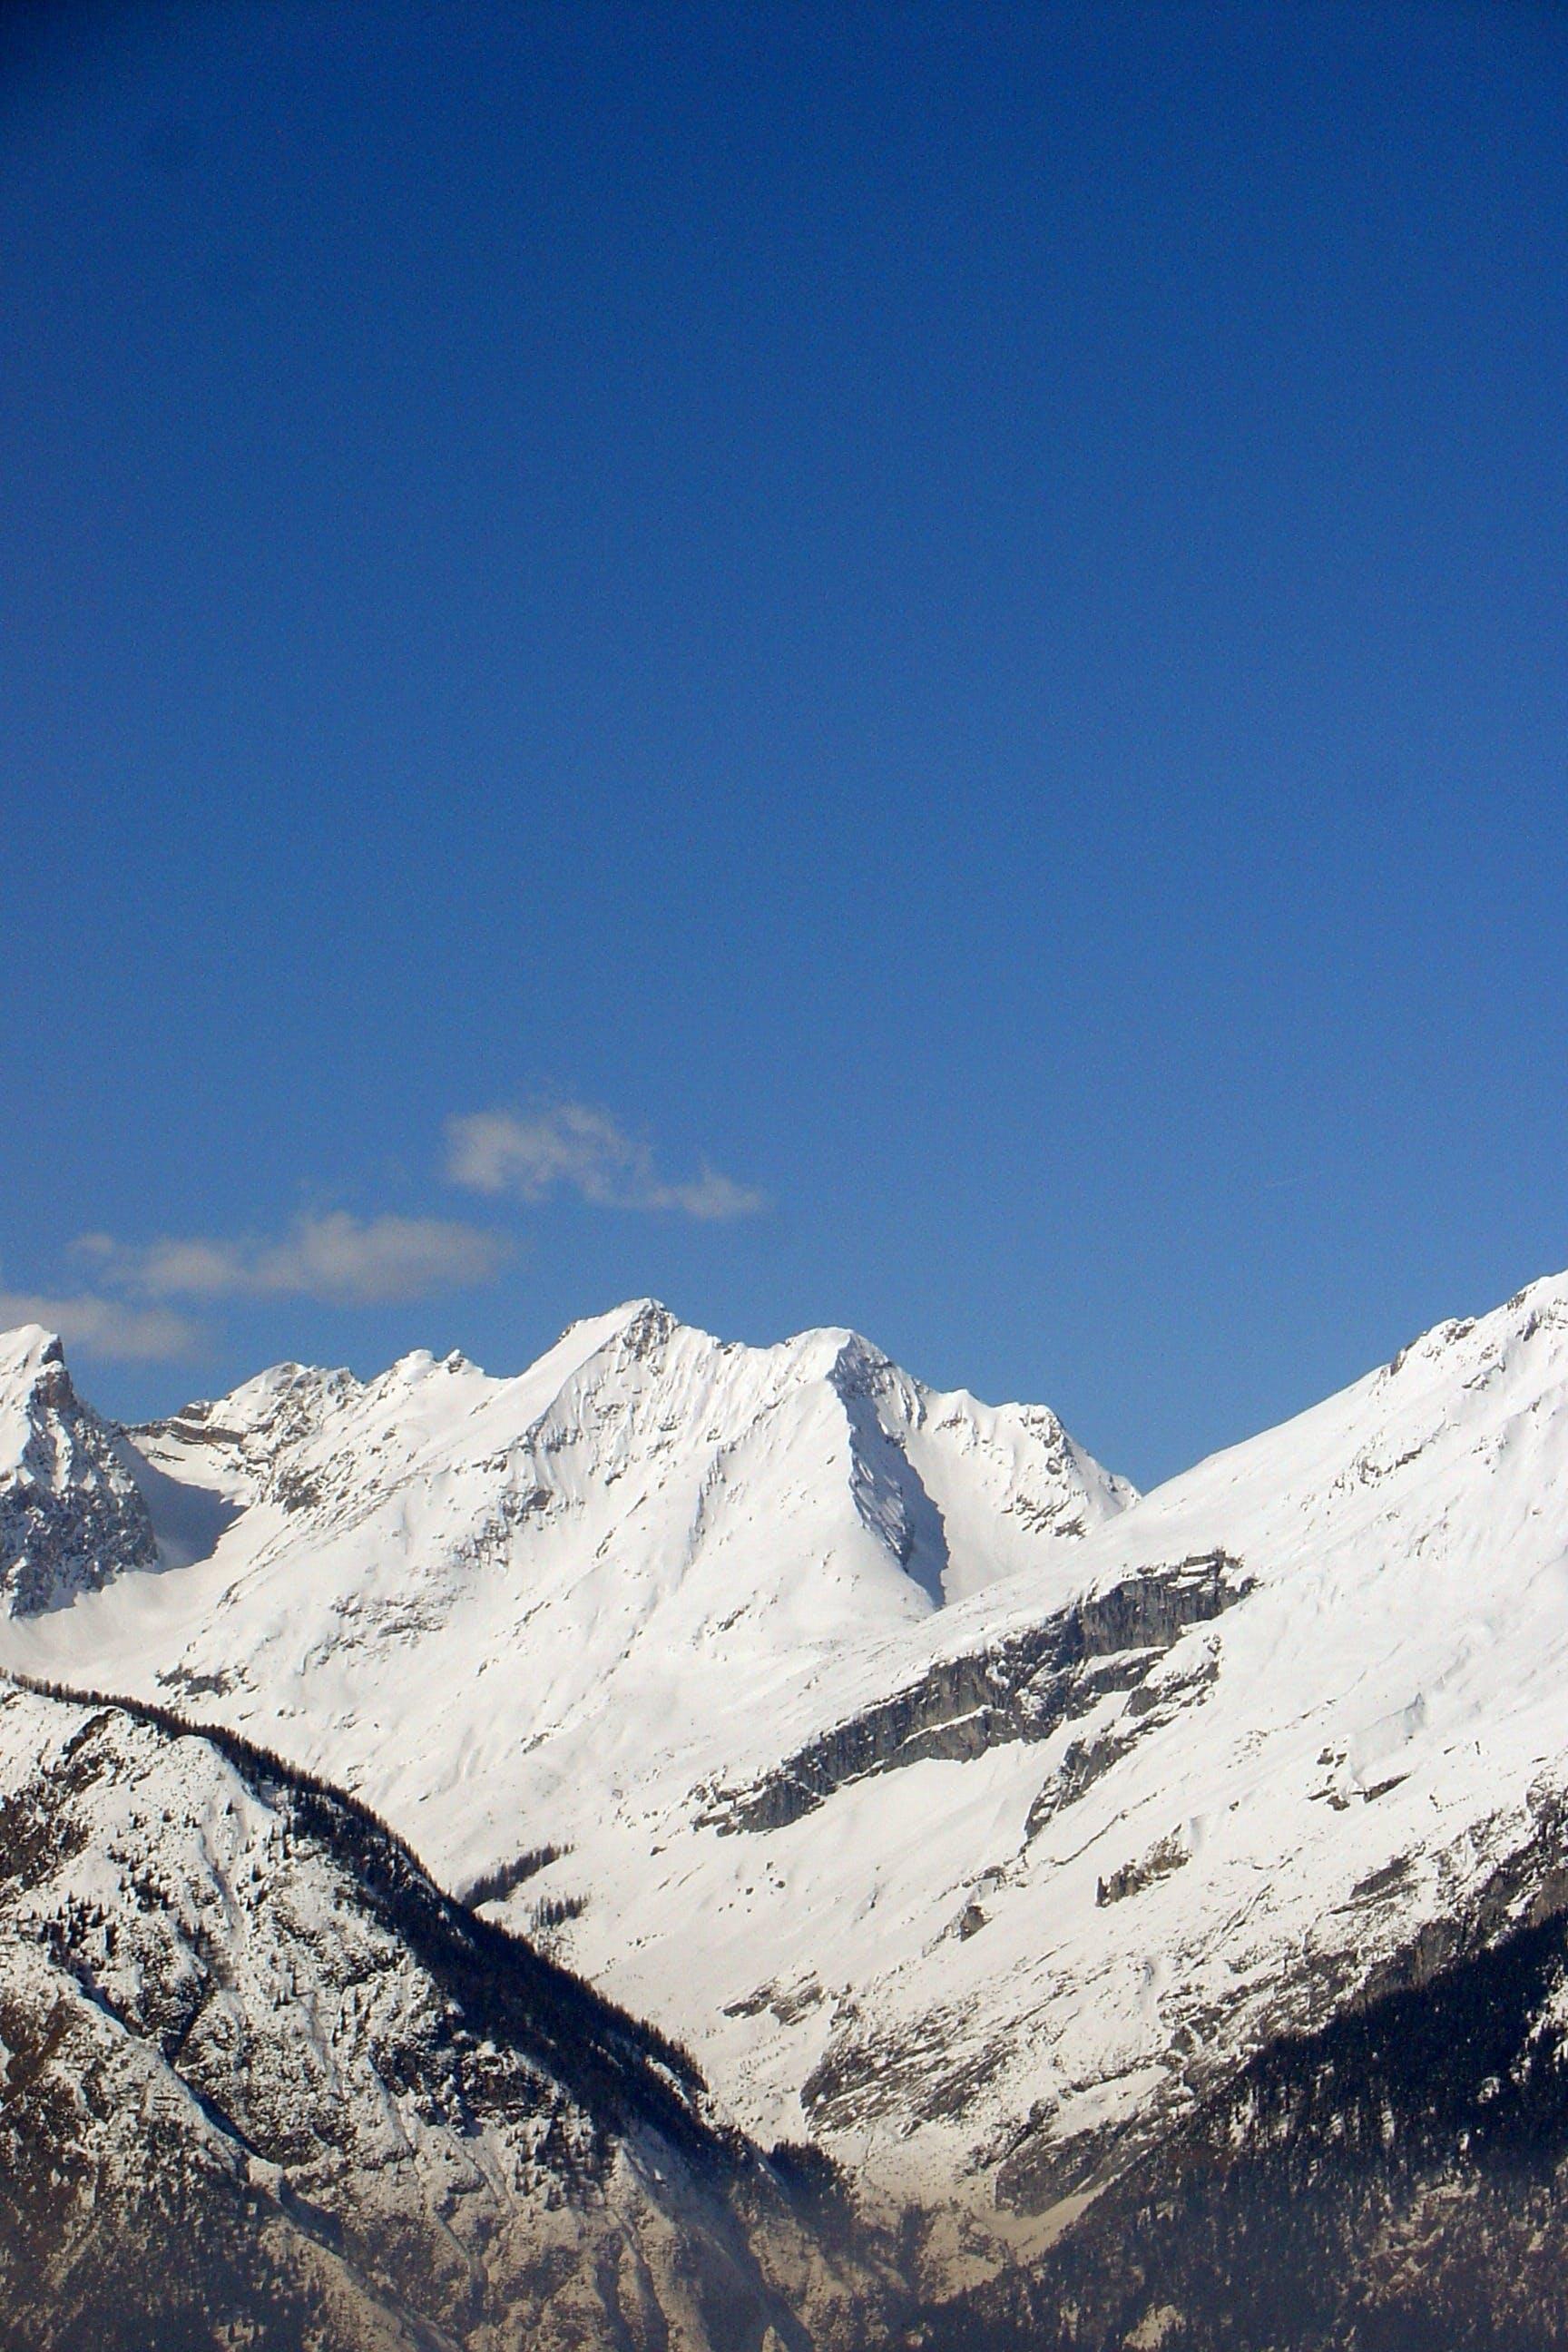 Free stock photo of snow, mountains, winter, mountain